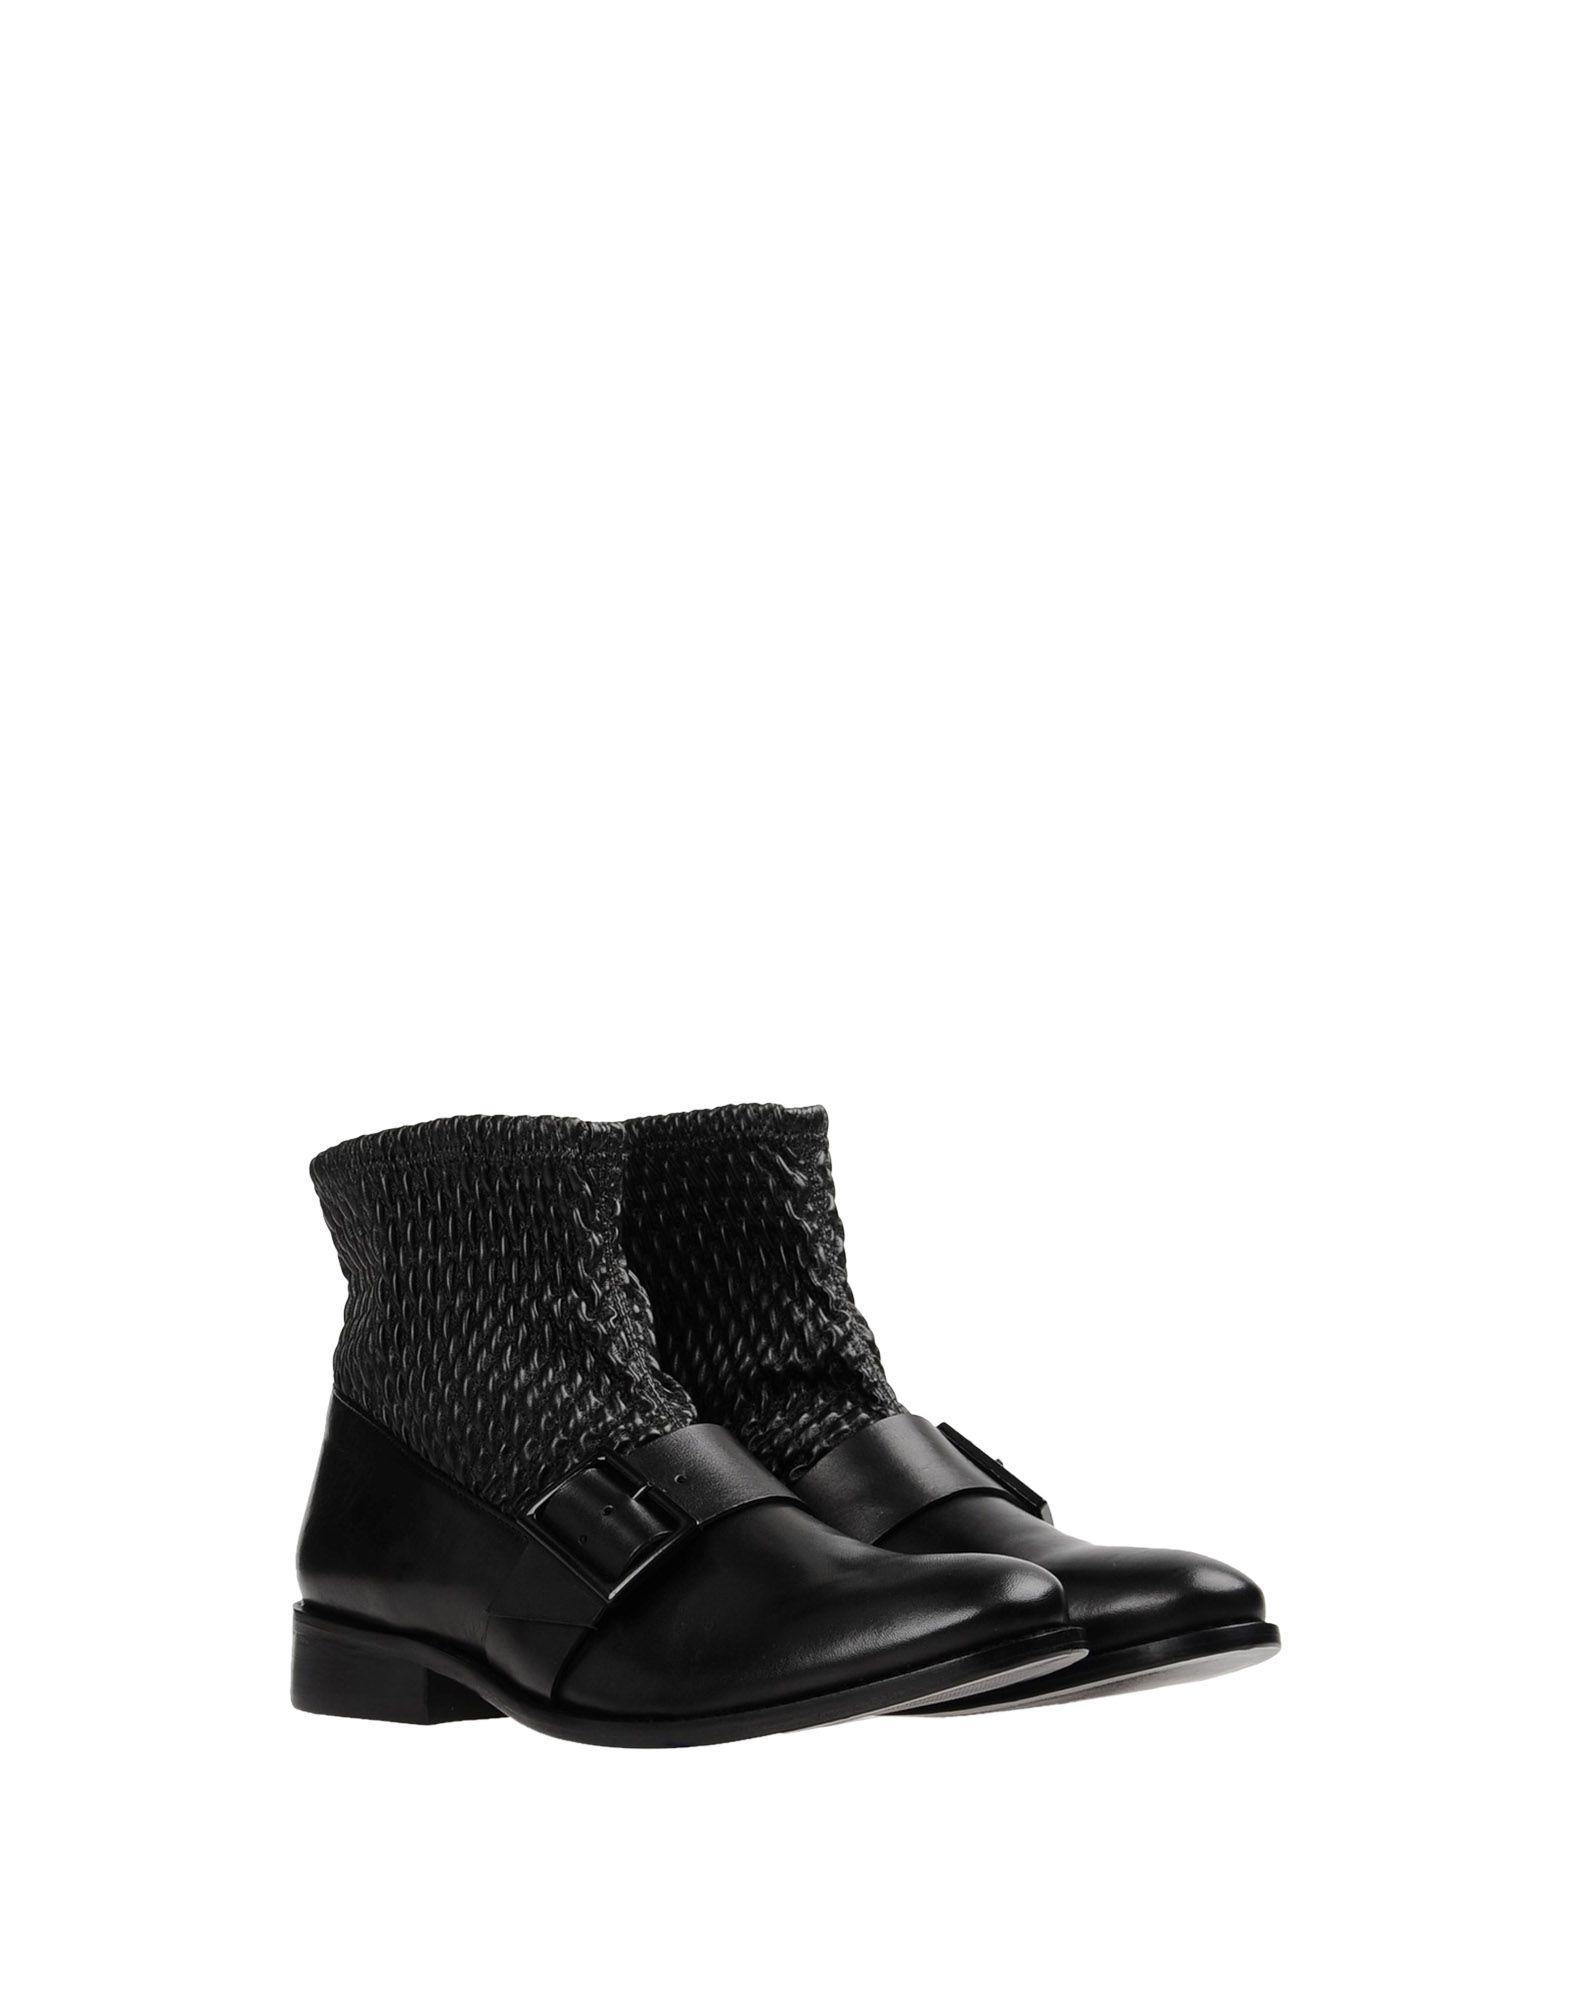 Stilvolle Schutz billige Schuhe Schutz Stilvolle Stiefelette Damen  11361340CX 80b32c